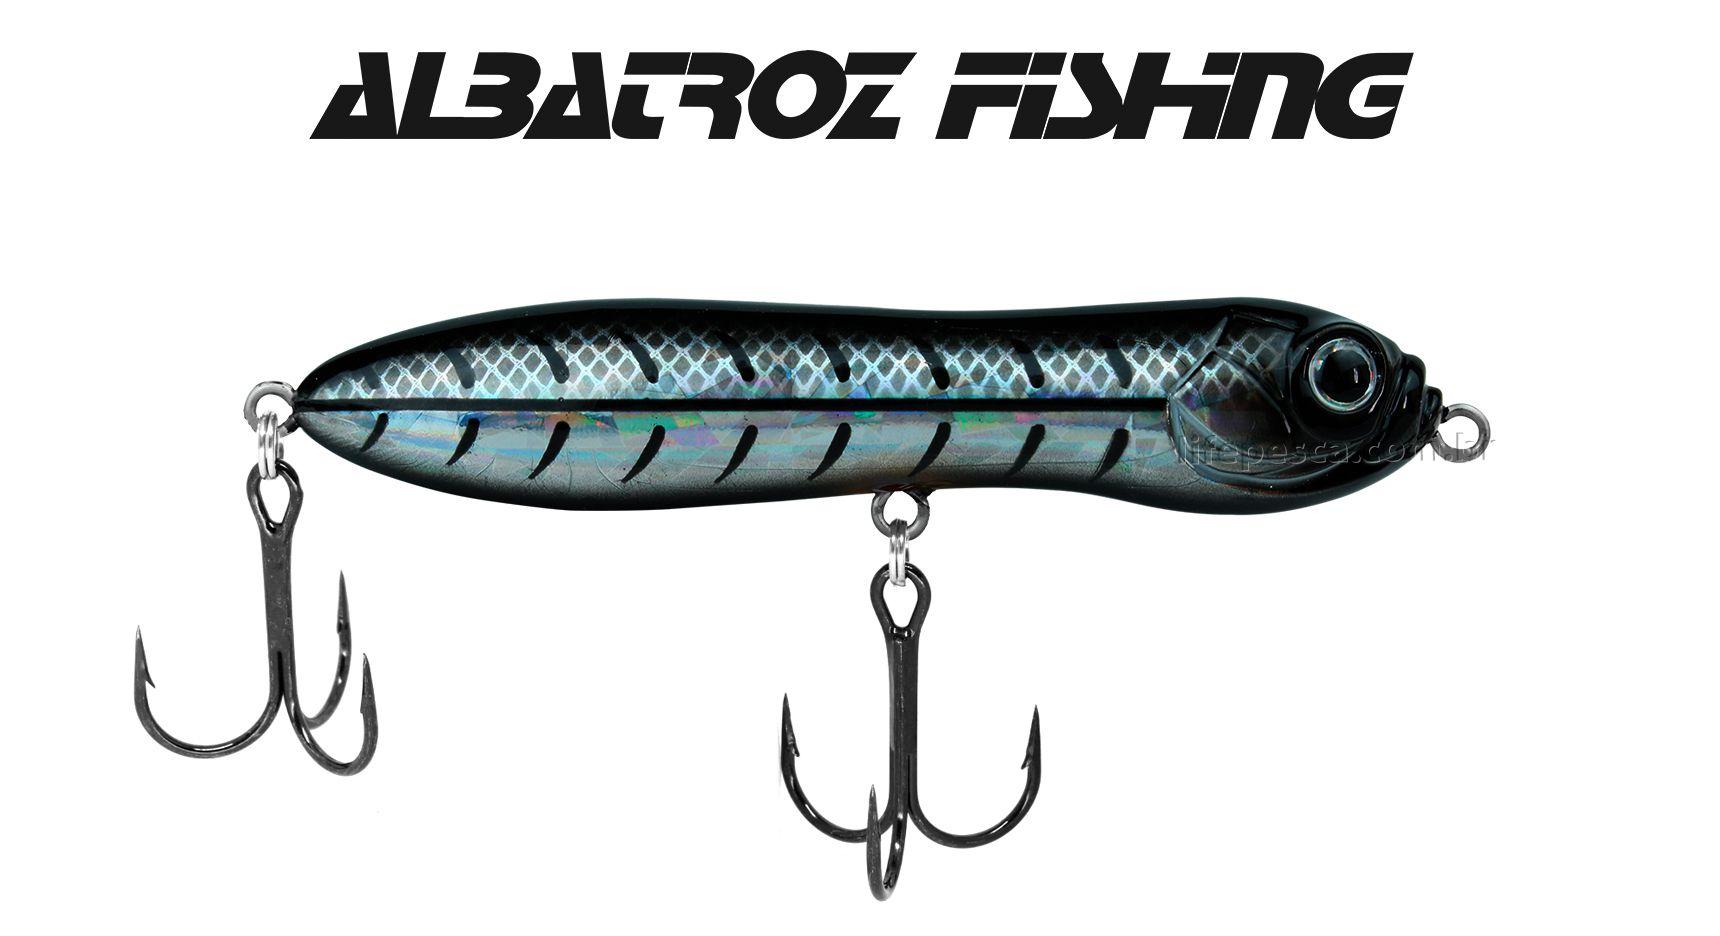 Isca Artificial Albatroz Fishing Thundera 90 - 9cm (10g) - Várias Cores  - Life Pesca - Sua loja de Pesca, Camping e Lazer